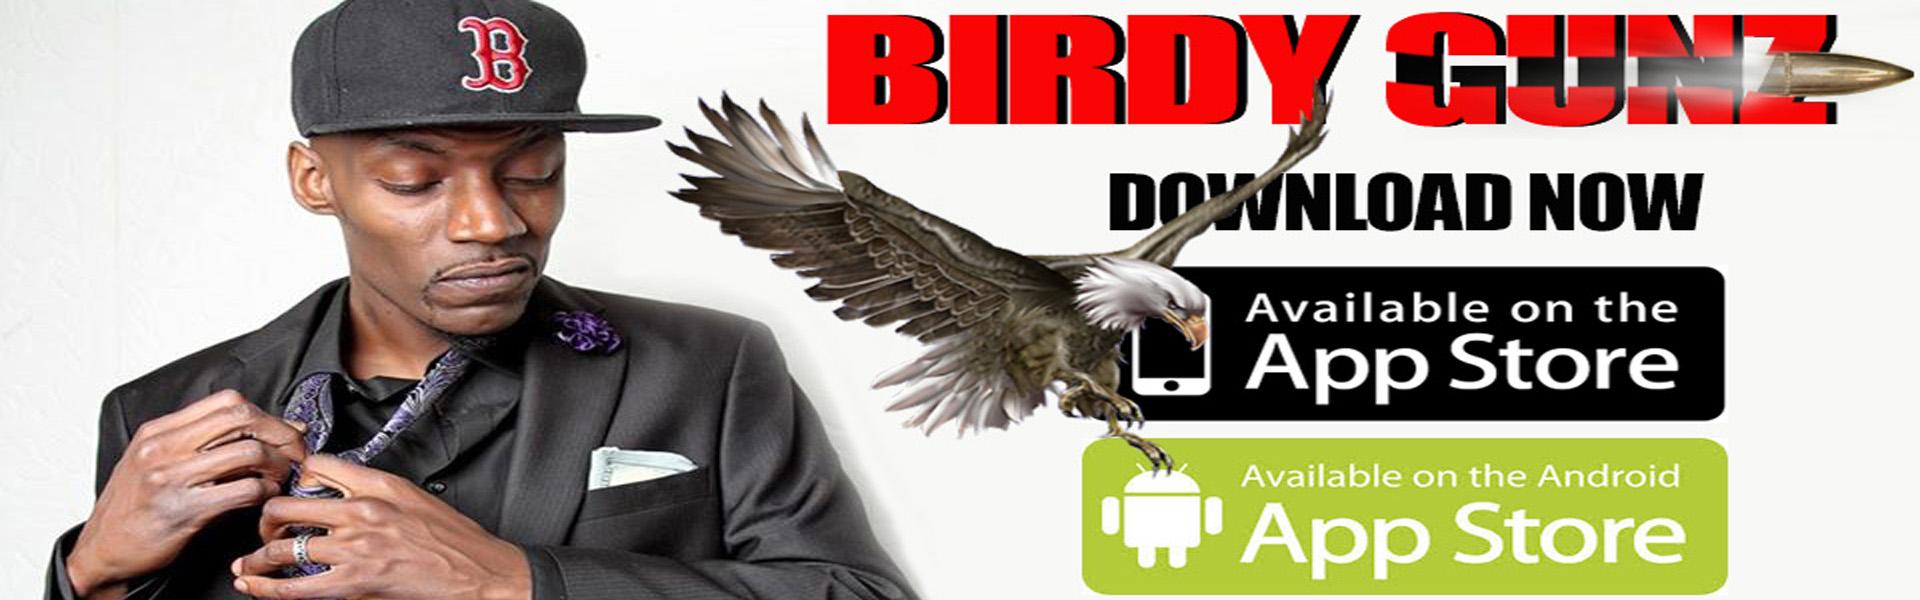 https://birdygunz.com/wp-content/uploads/2018/10/birdy-01.jpg